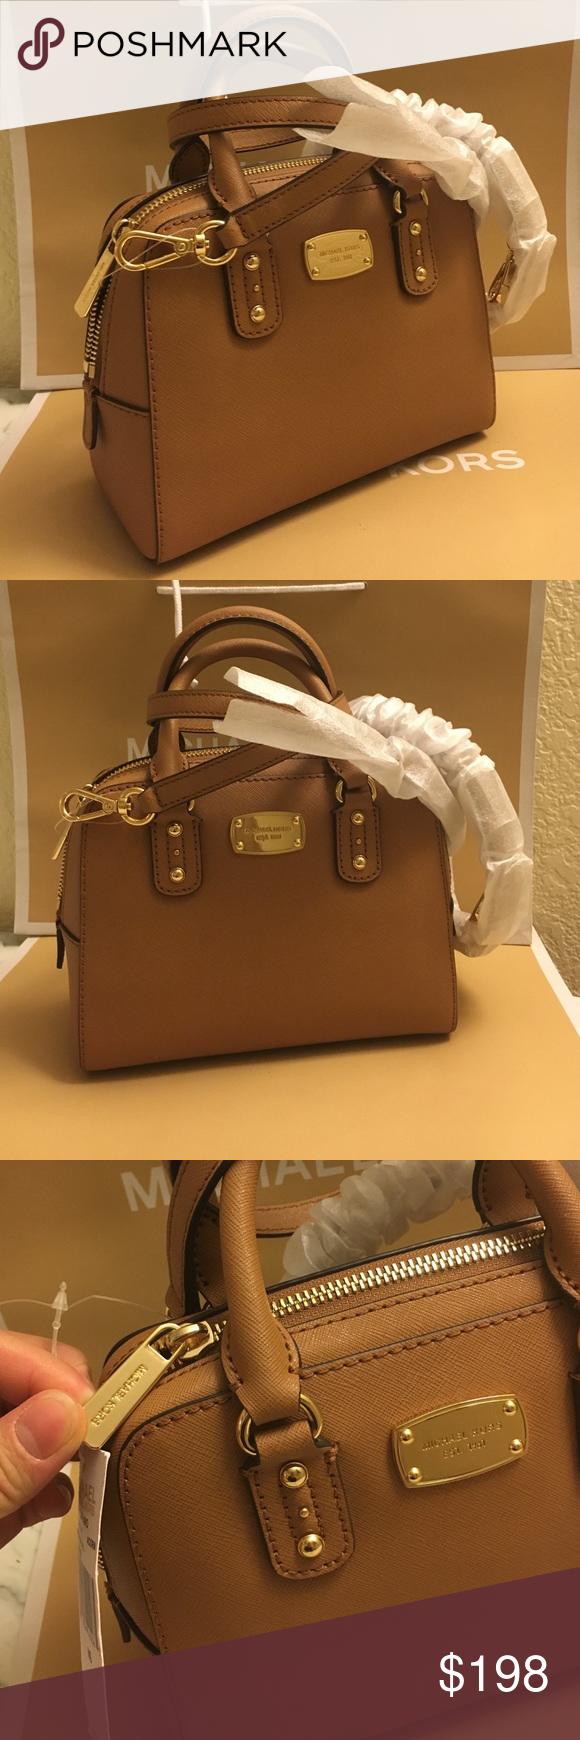 MK satchel leather Color Acorn, Saffiano Authenic brand